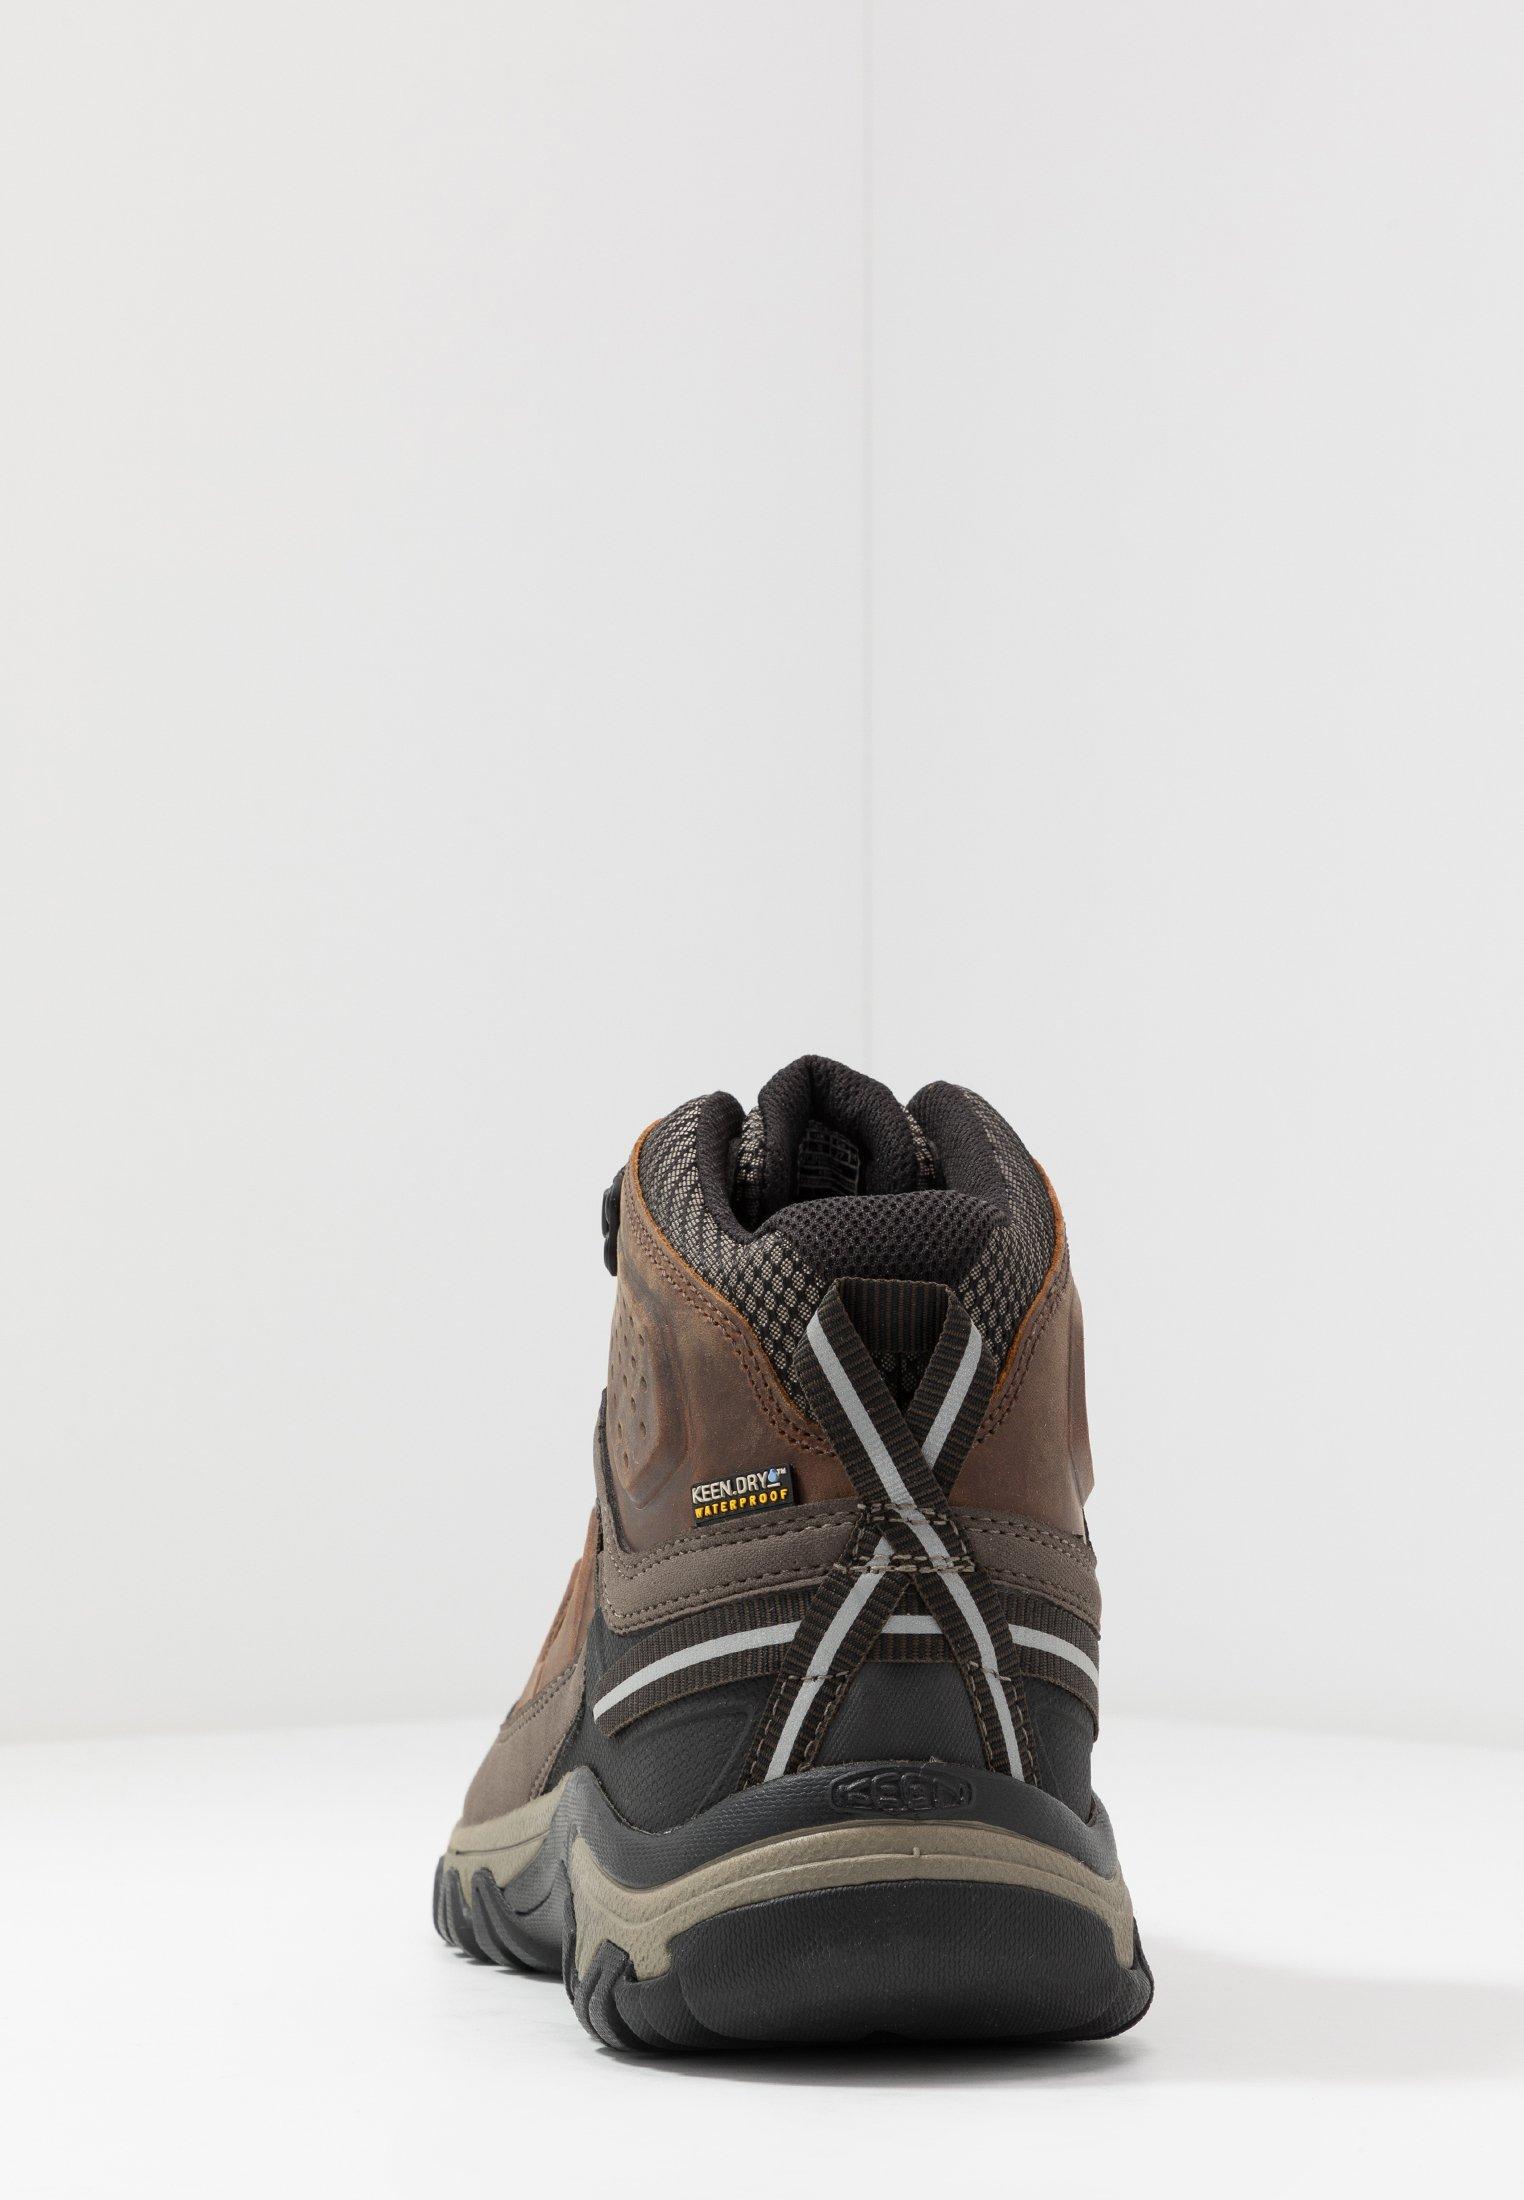 Uomo TARGHEE III MID WP - Scarpa da hiking